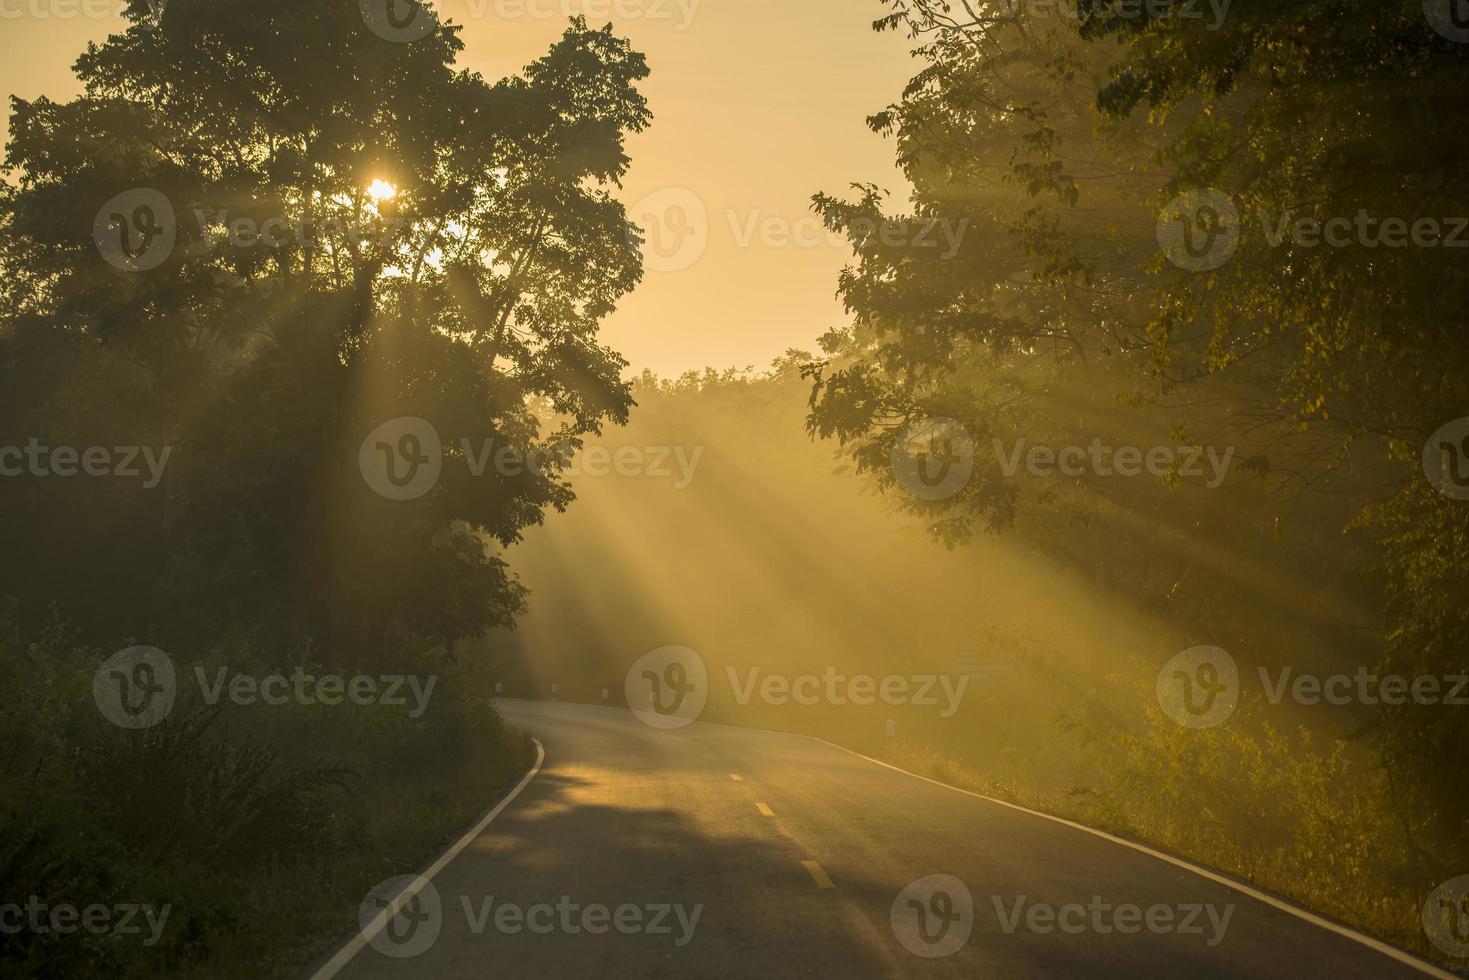 luz de fundo e sol flare longo caminho na Tailândia foto